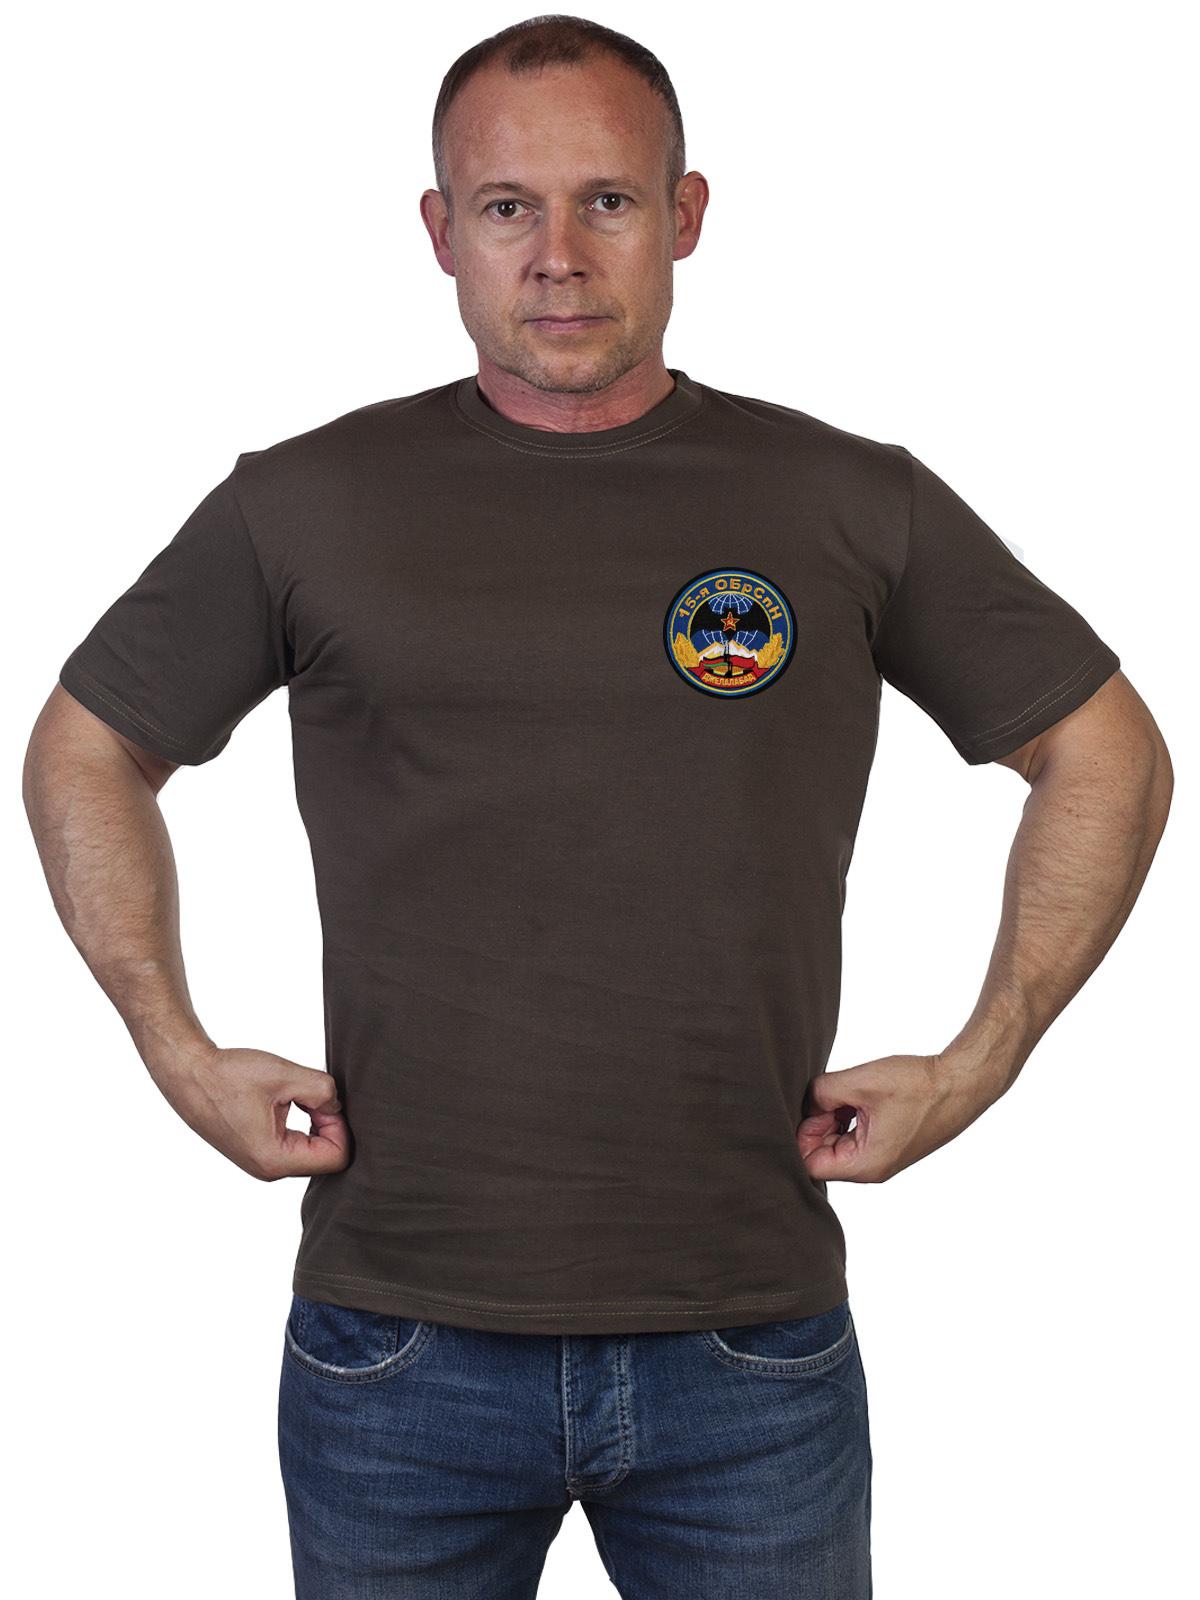 Оливковая мужская футболка 15 ОБрСпН